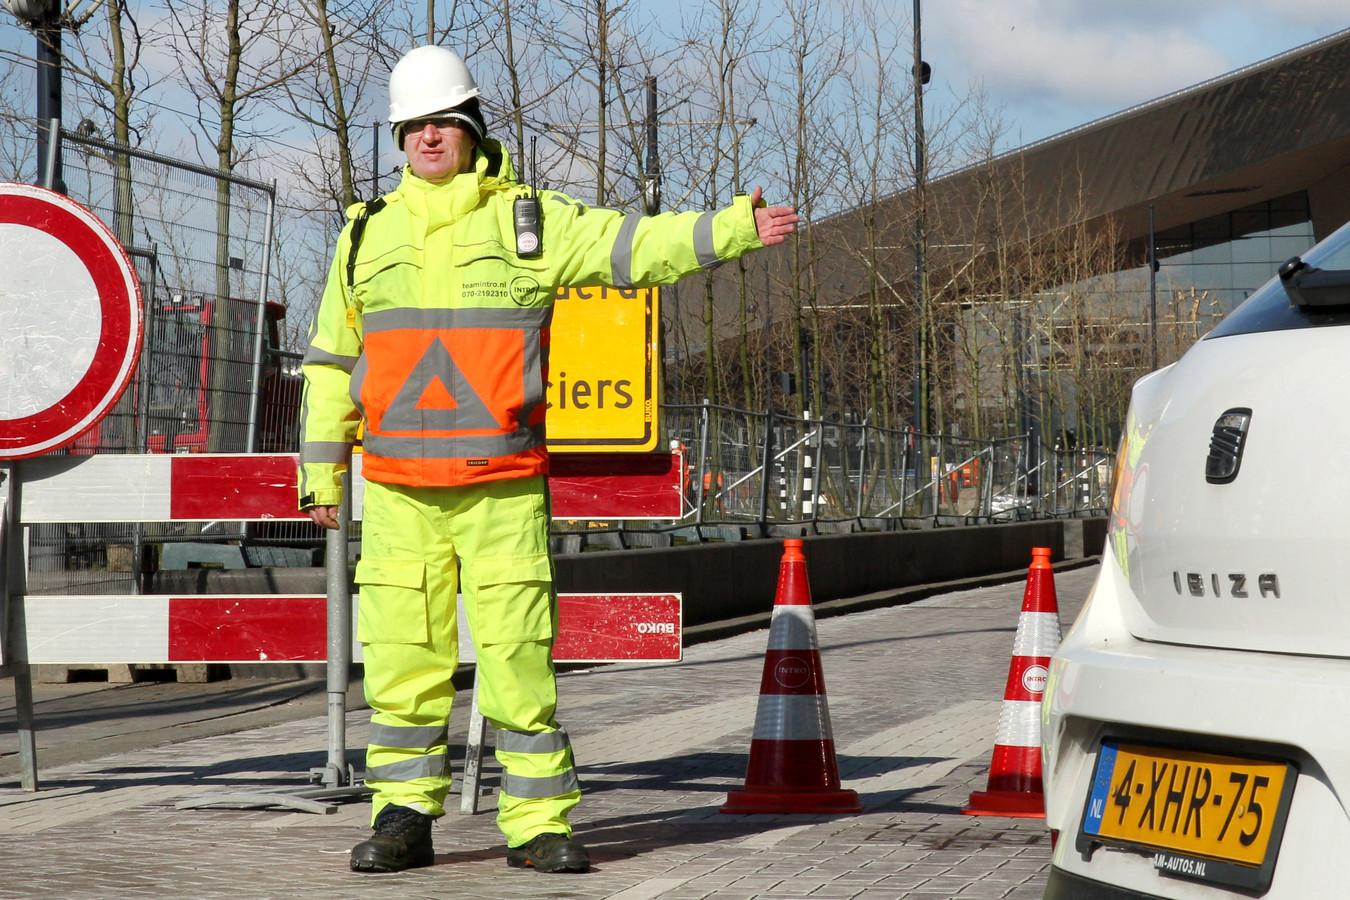 Een verkeersregelaar die afgelopen maand in de kou aan het werk was.